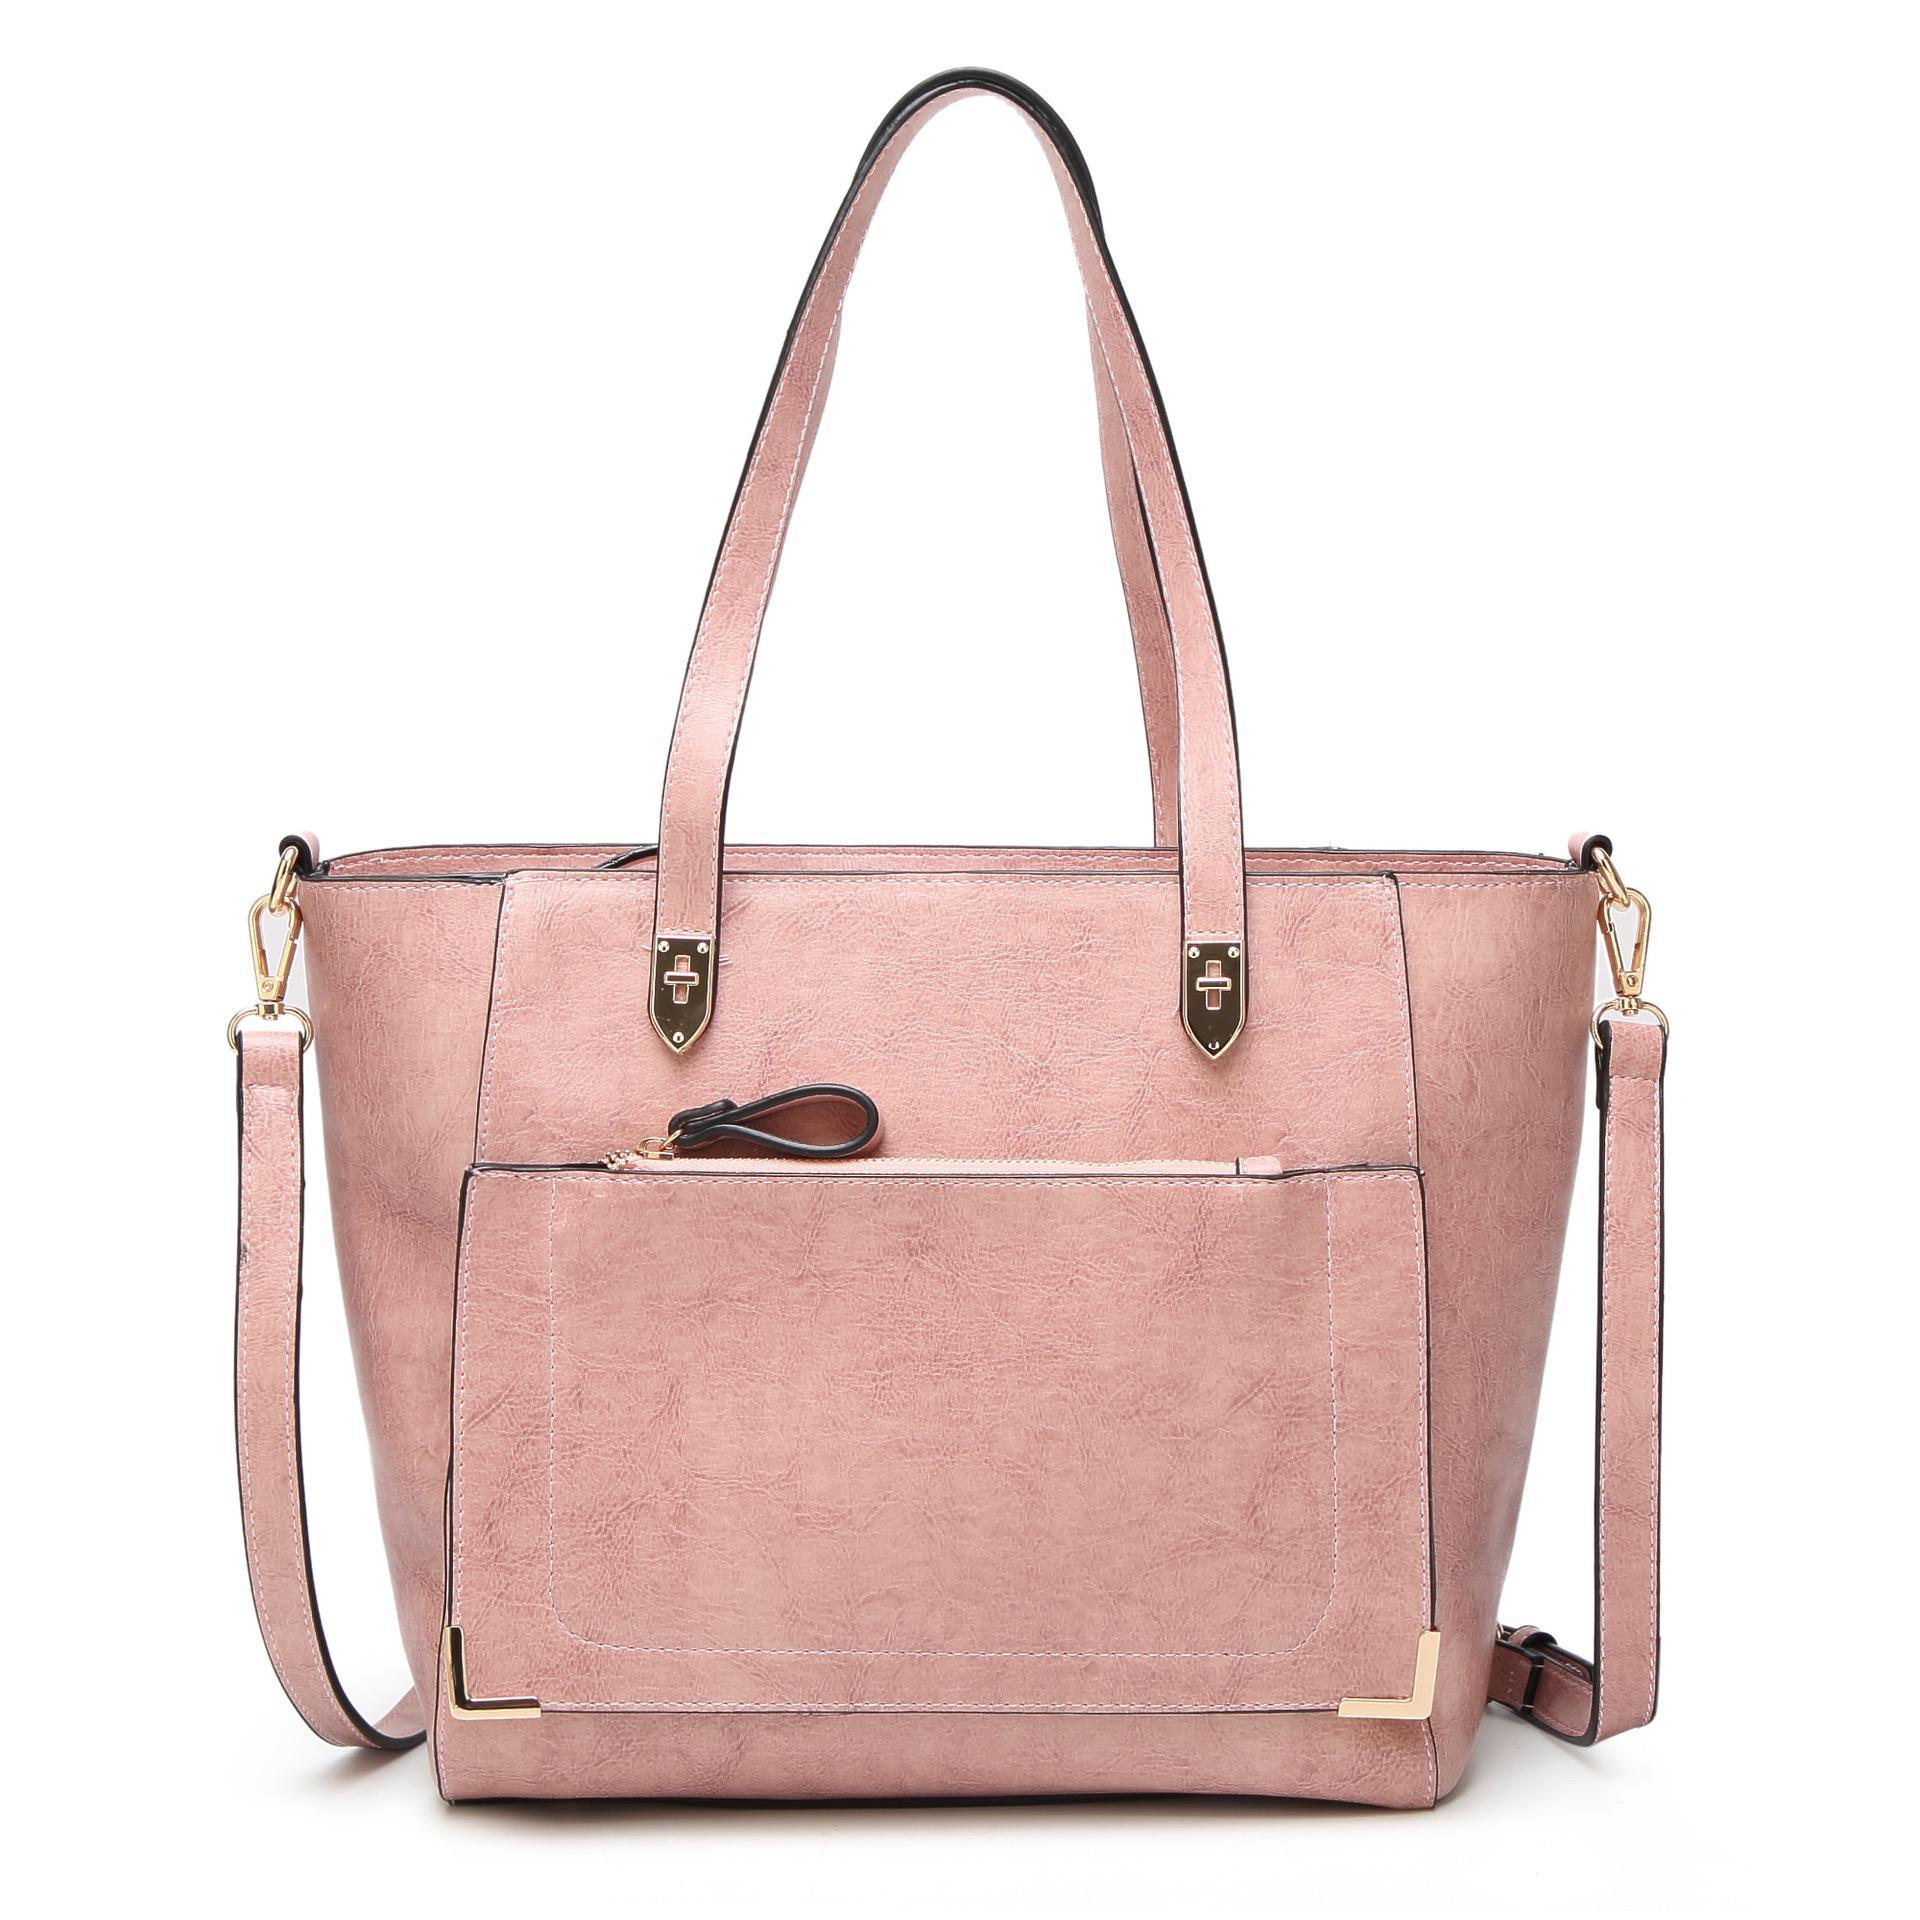 Damenstil Totes Moderne Handtasche Frauen Geldbörsen 2020 High Fashion PCs 2 Neue Set Composite Bags Designer Qualität Geldbörse WGFHF